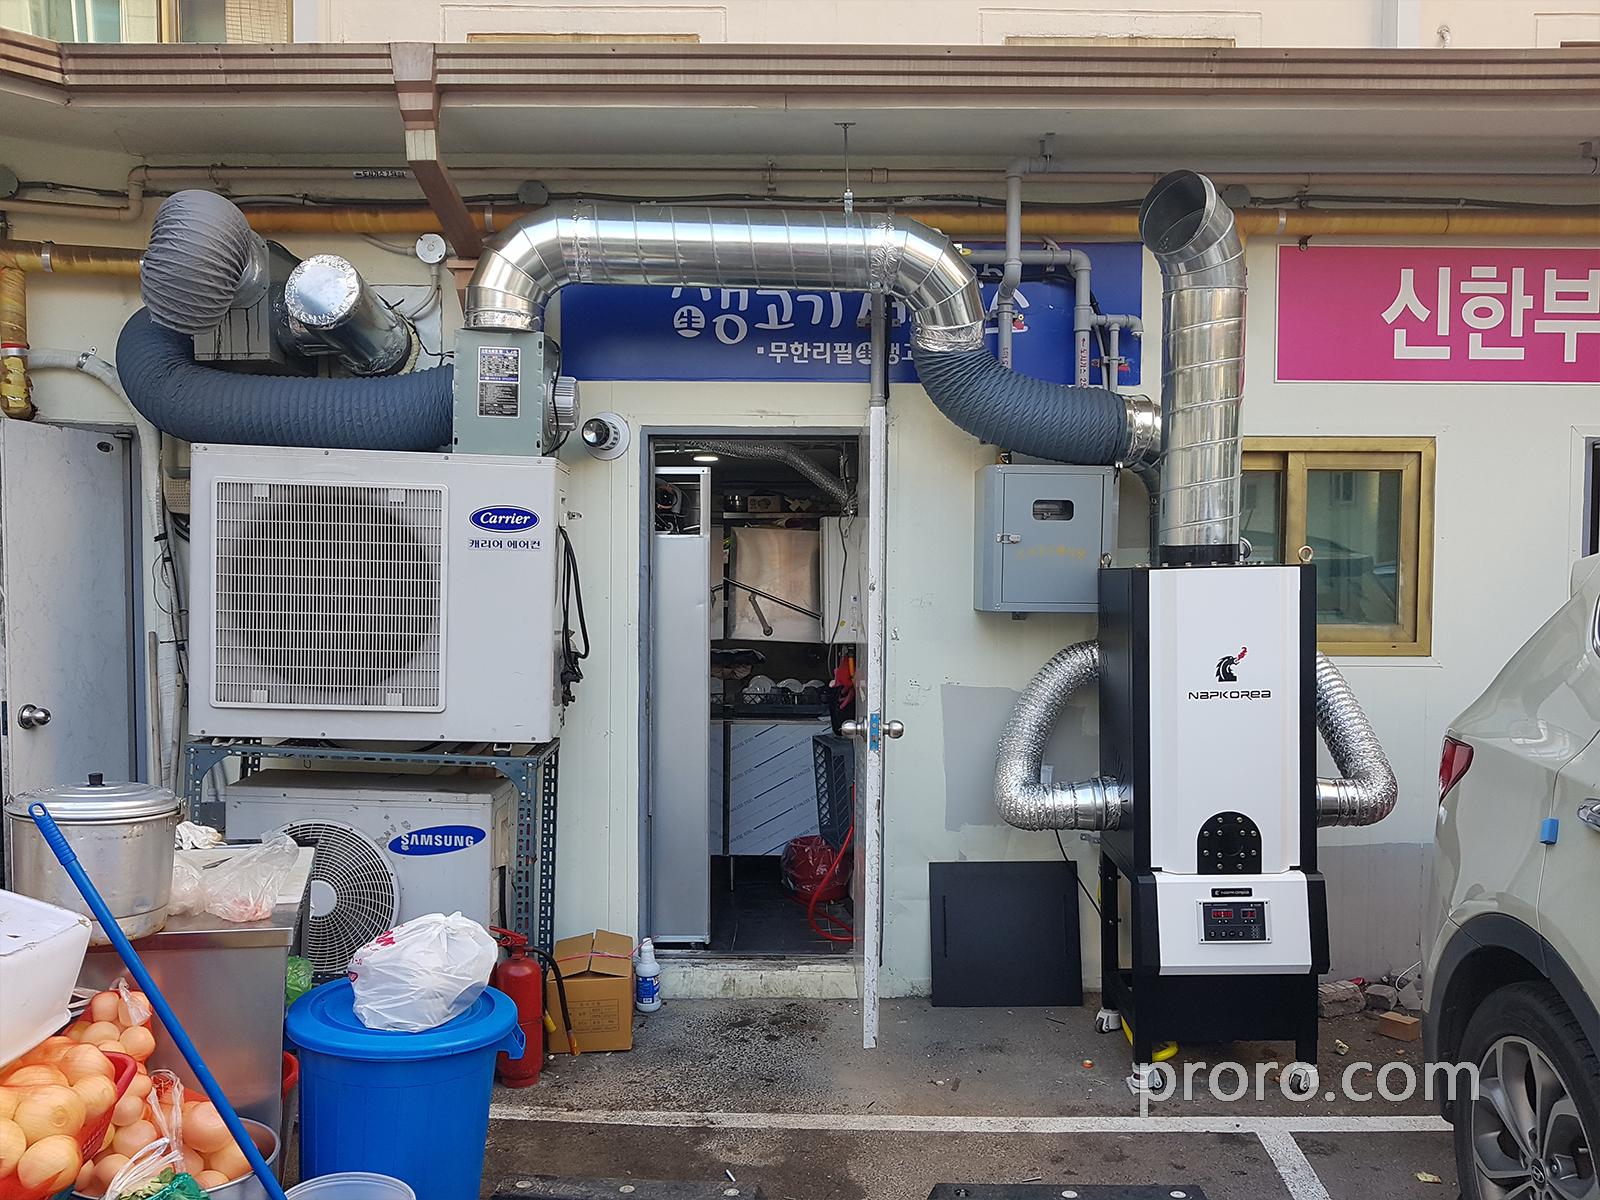 生肉制作所 (烤肉店)  安装 NKIC-10K(10公斤) 餐饮油烟净化器 安装案例